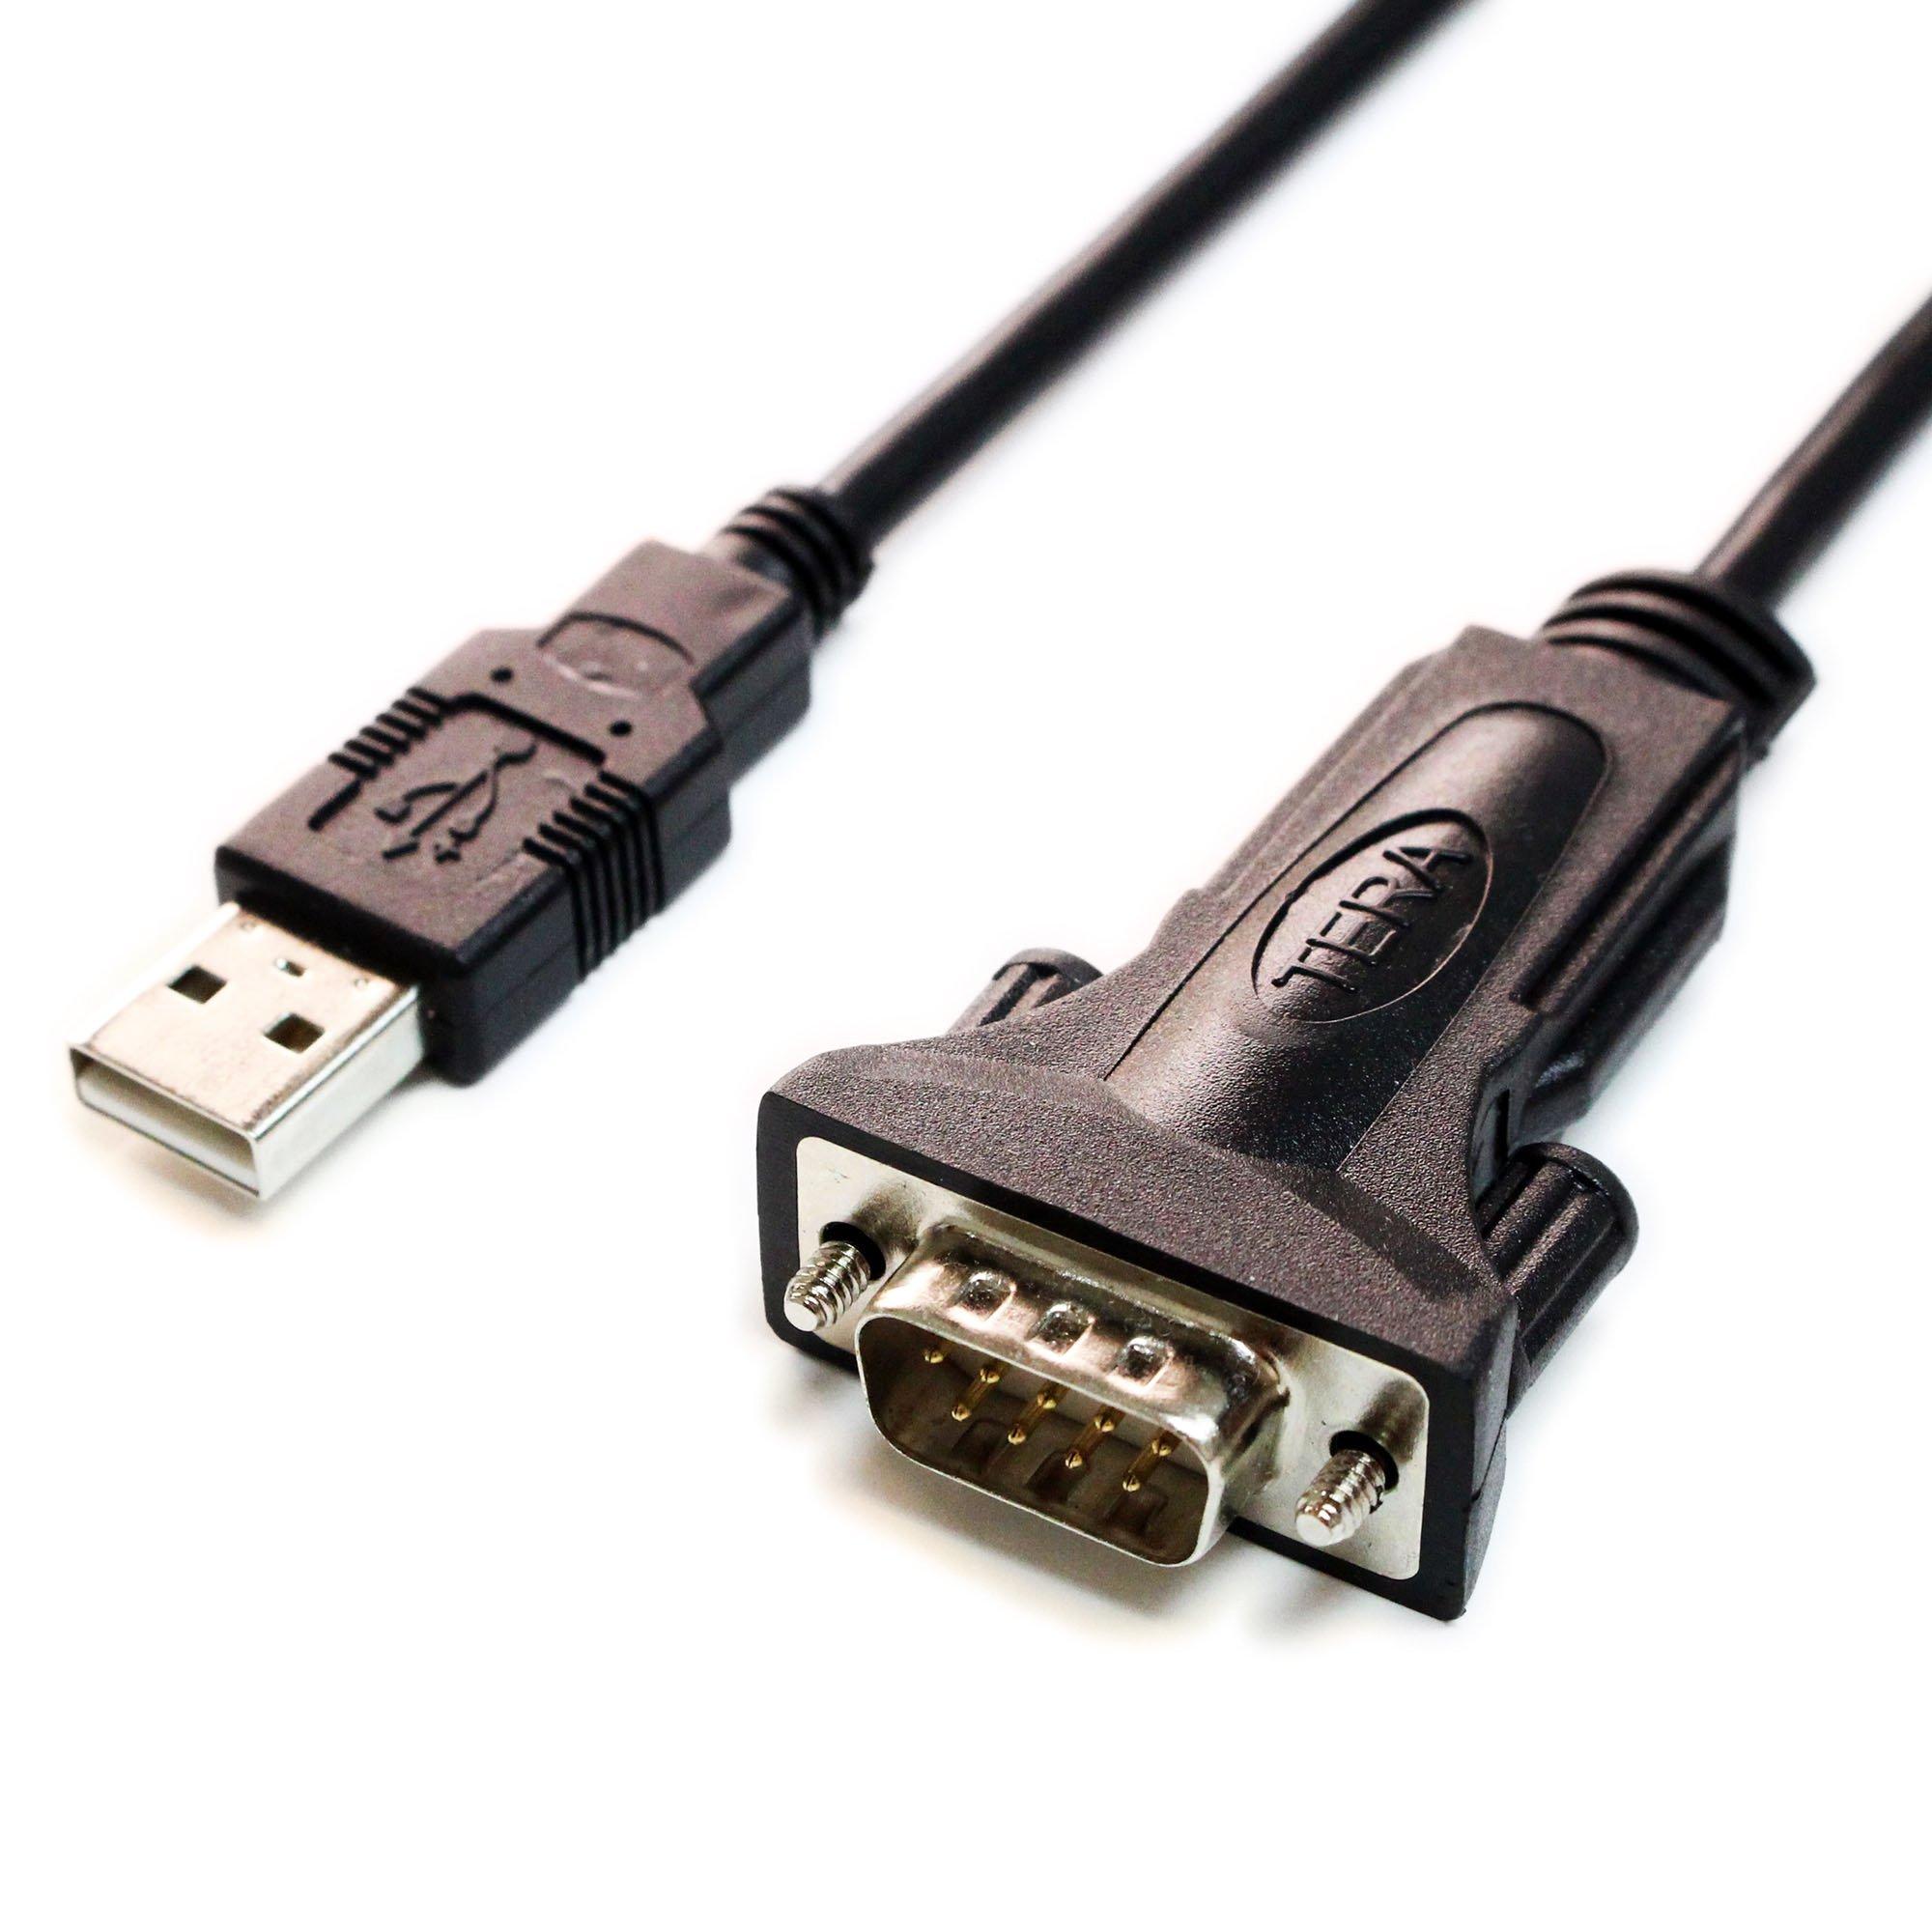 BERNINA FTDI USB DRIVERS FOR WINDOWS VISTA